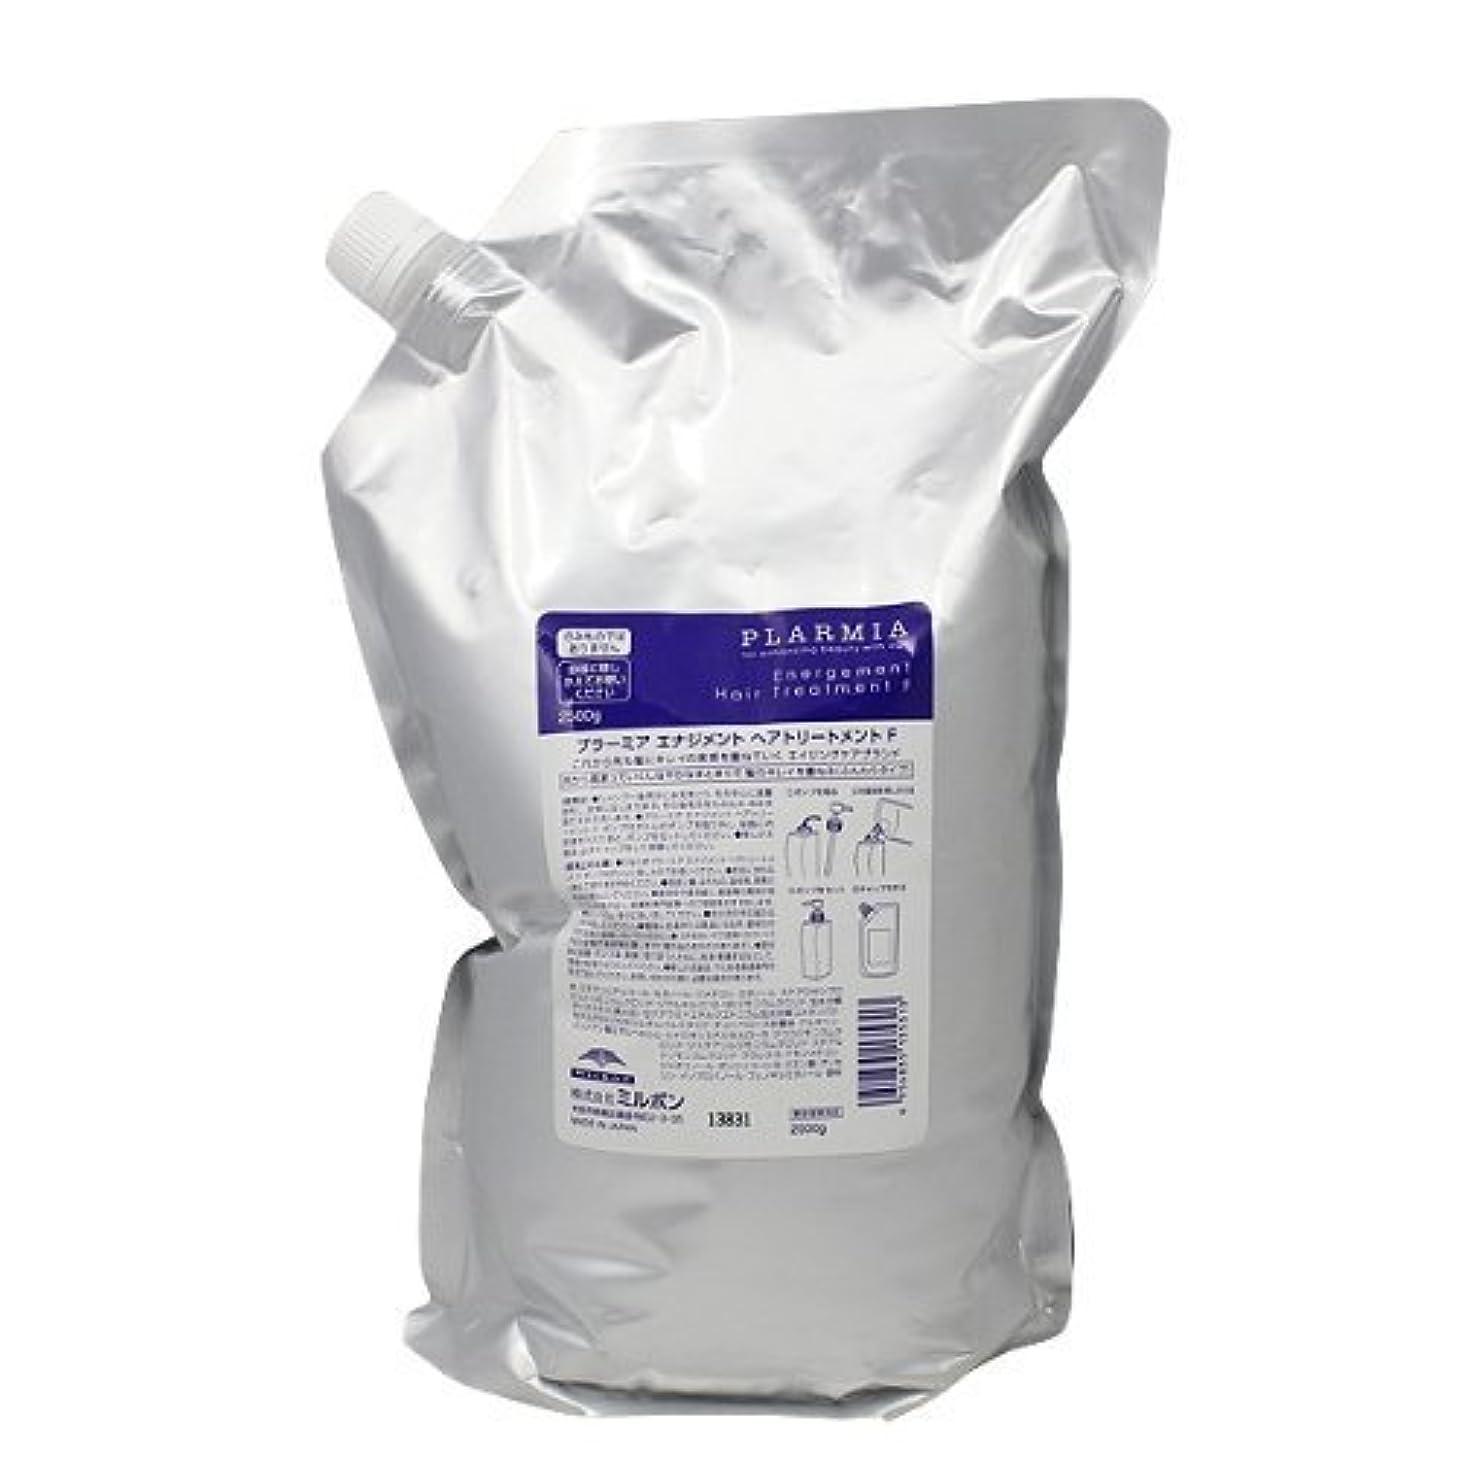 痛みミット憂慮すべきミルボン プラーミア エナジメントトリートメントF 2500g(レフィル)